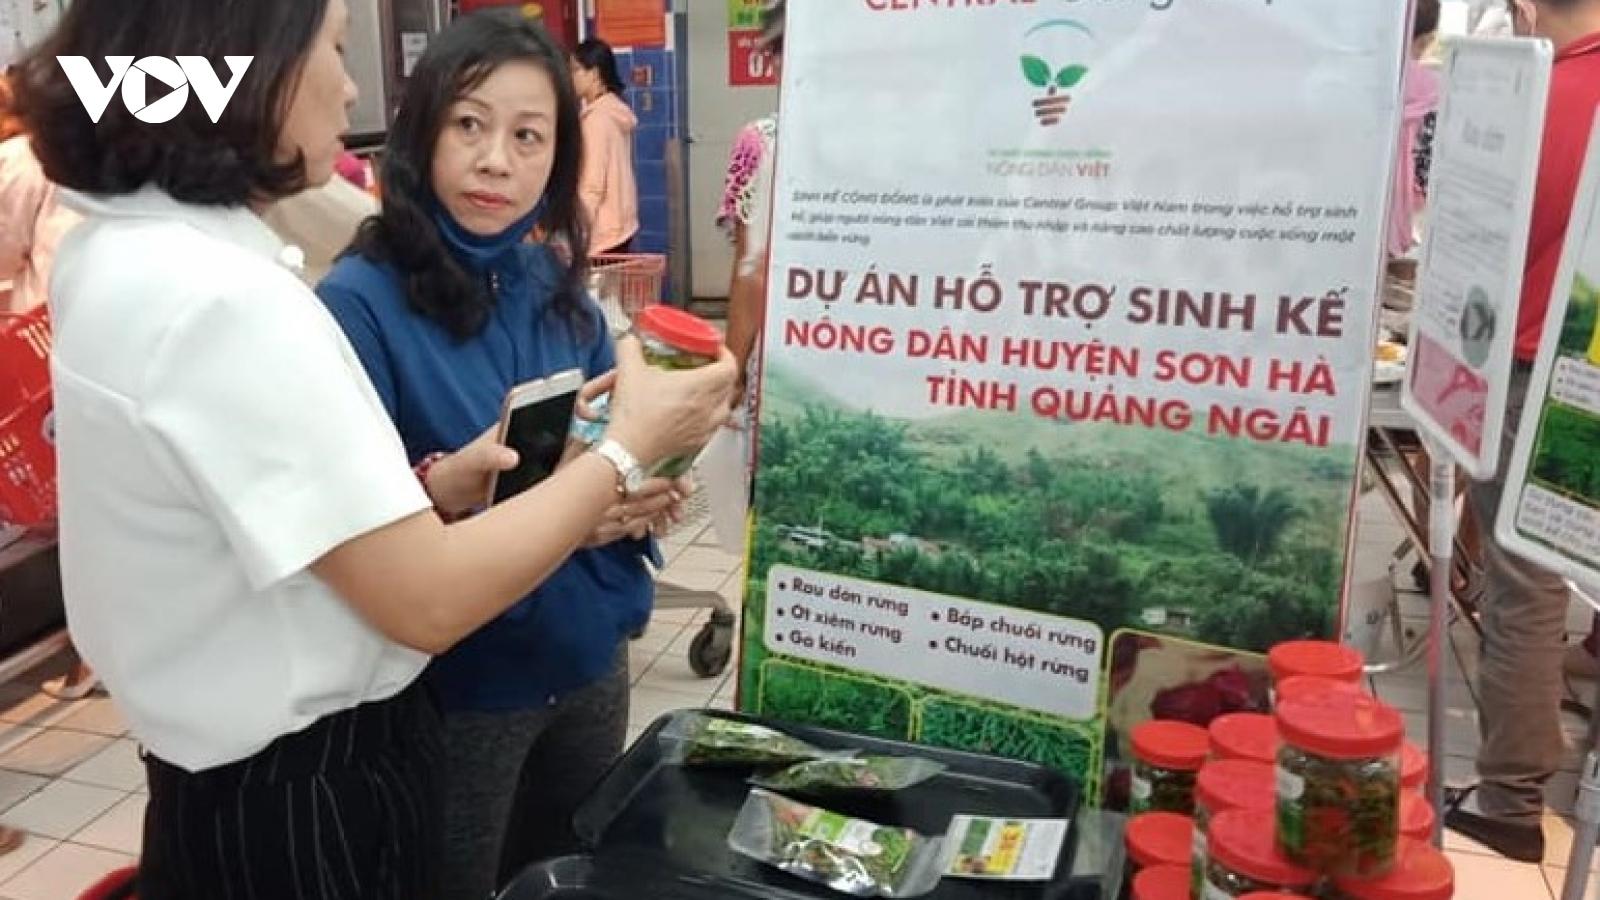 Thoát nghèo từ những mô hình sản xuất, chăn nuôi hiệu quả ở Quảng Ngãi